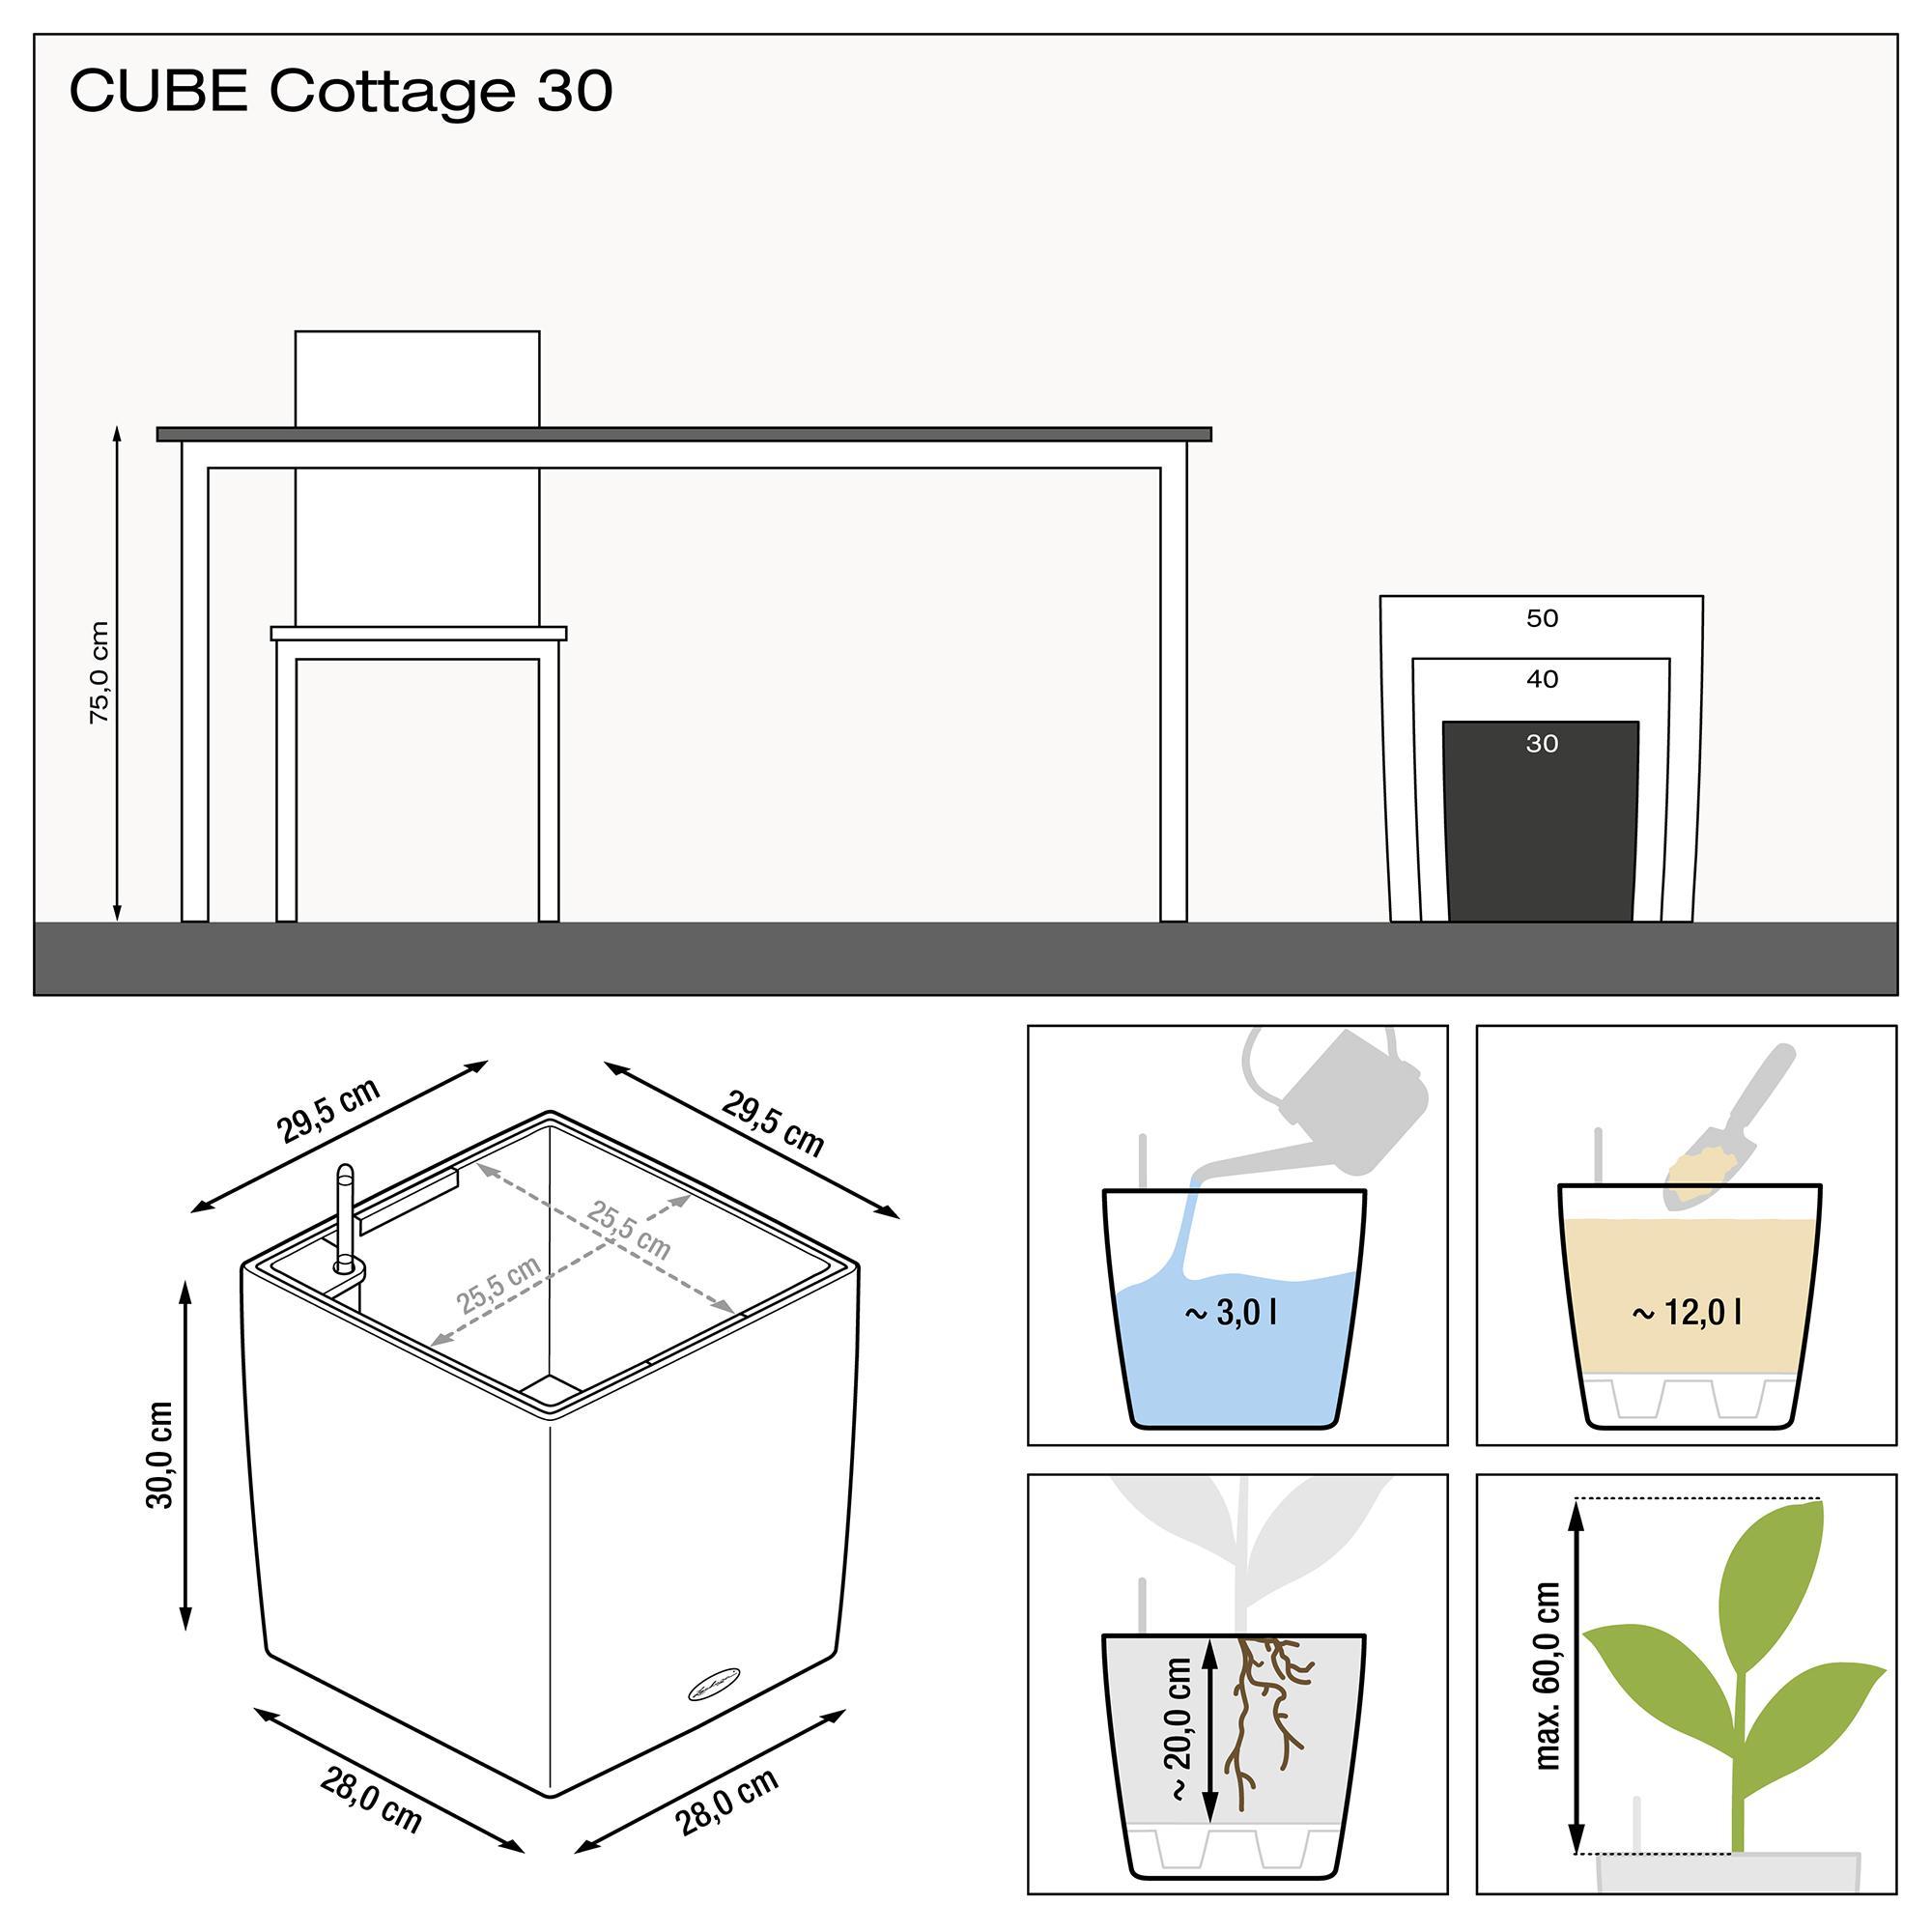 CUBE Cottage 30 granit - Bild 3